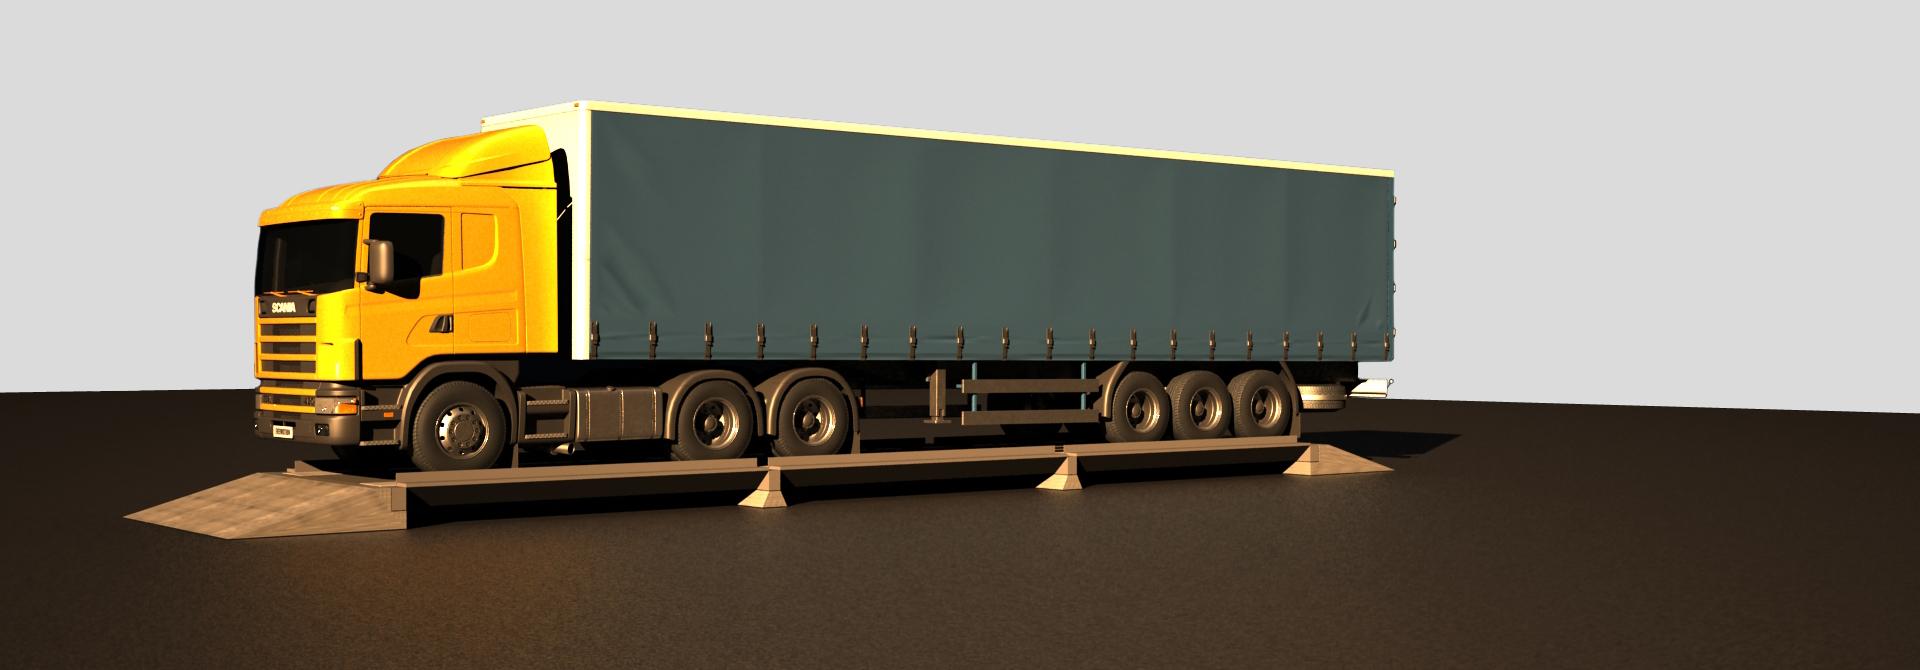 Автомобильные весы с железобетонной грузовой платформой